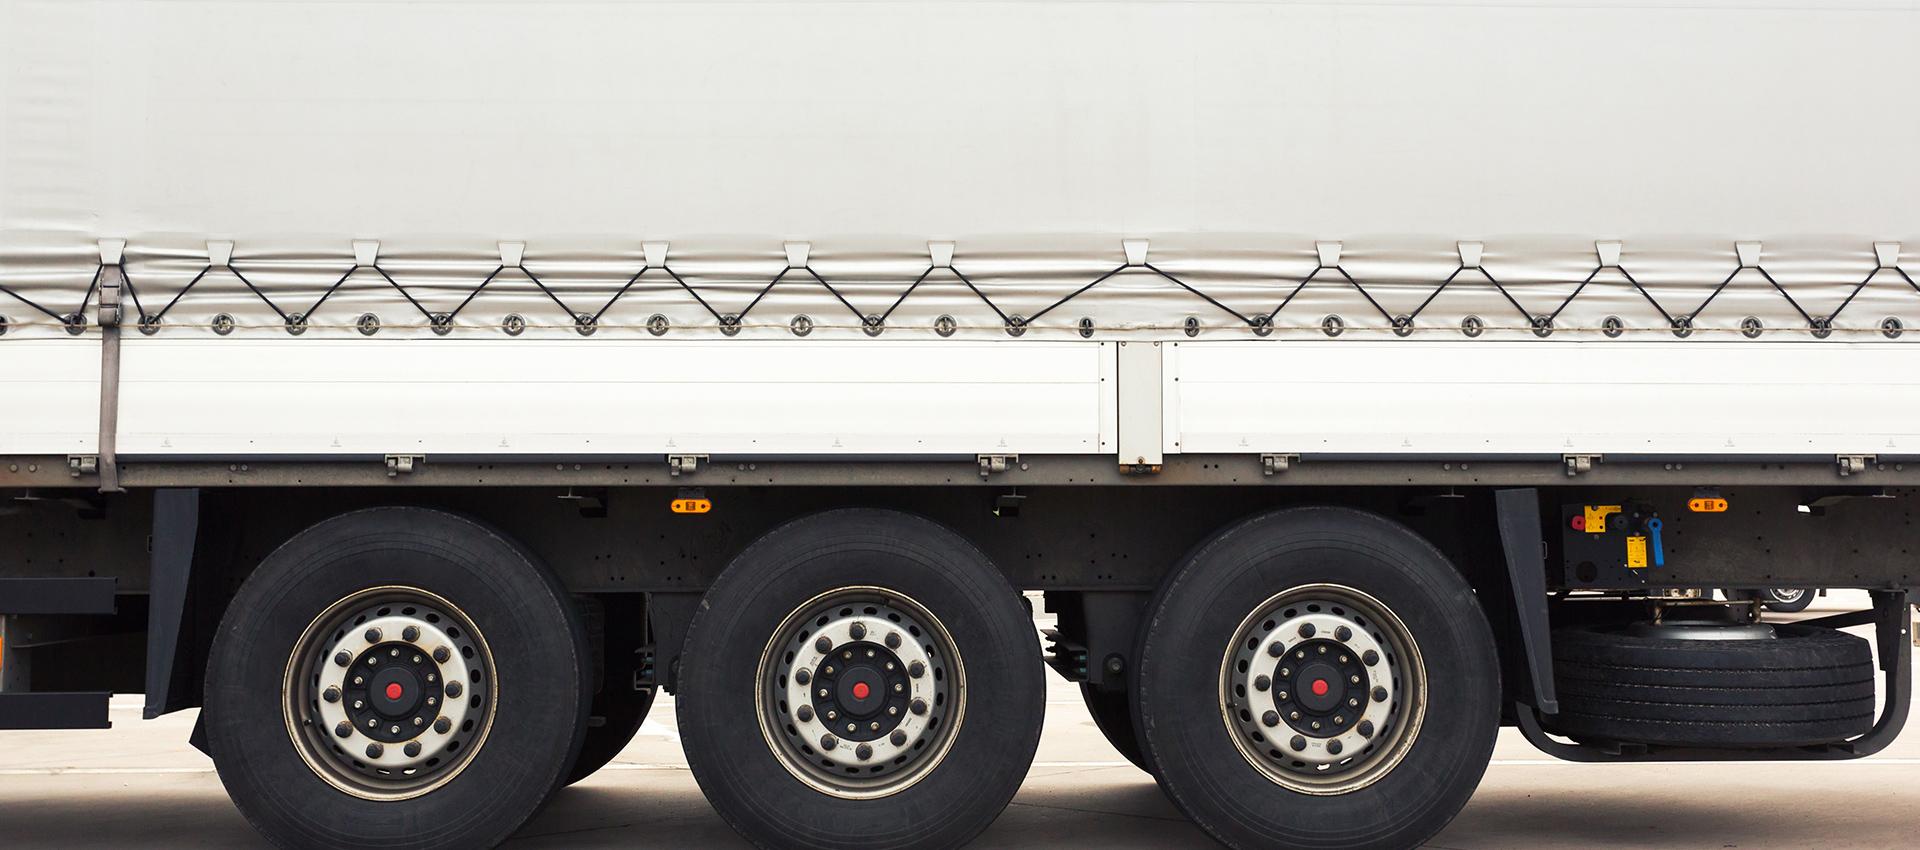 Blumengrosshandel Walter Fegers - truck